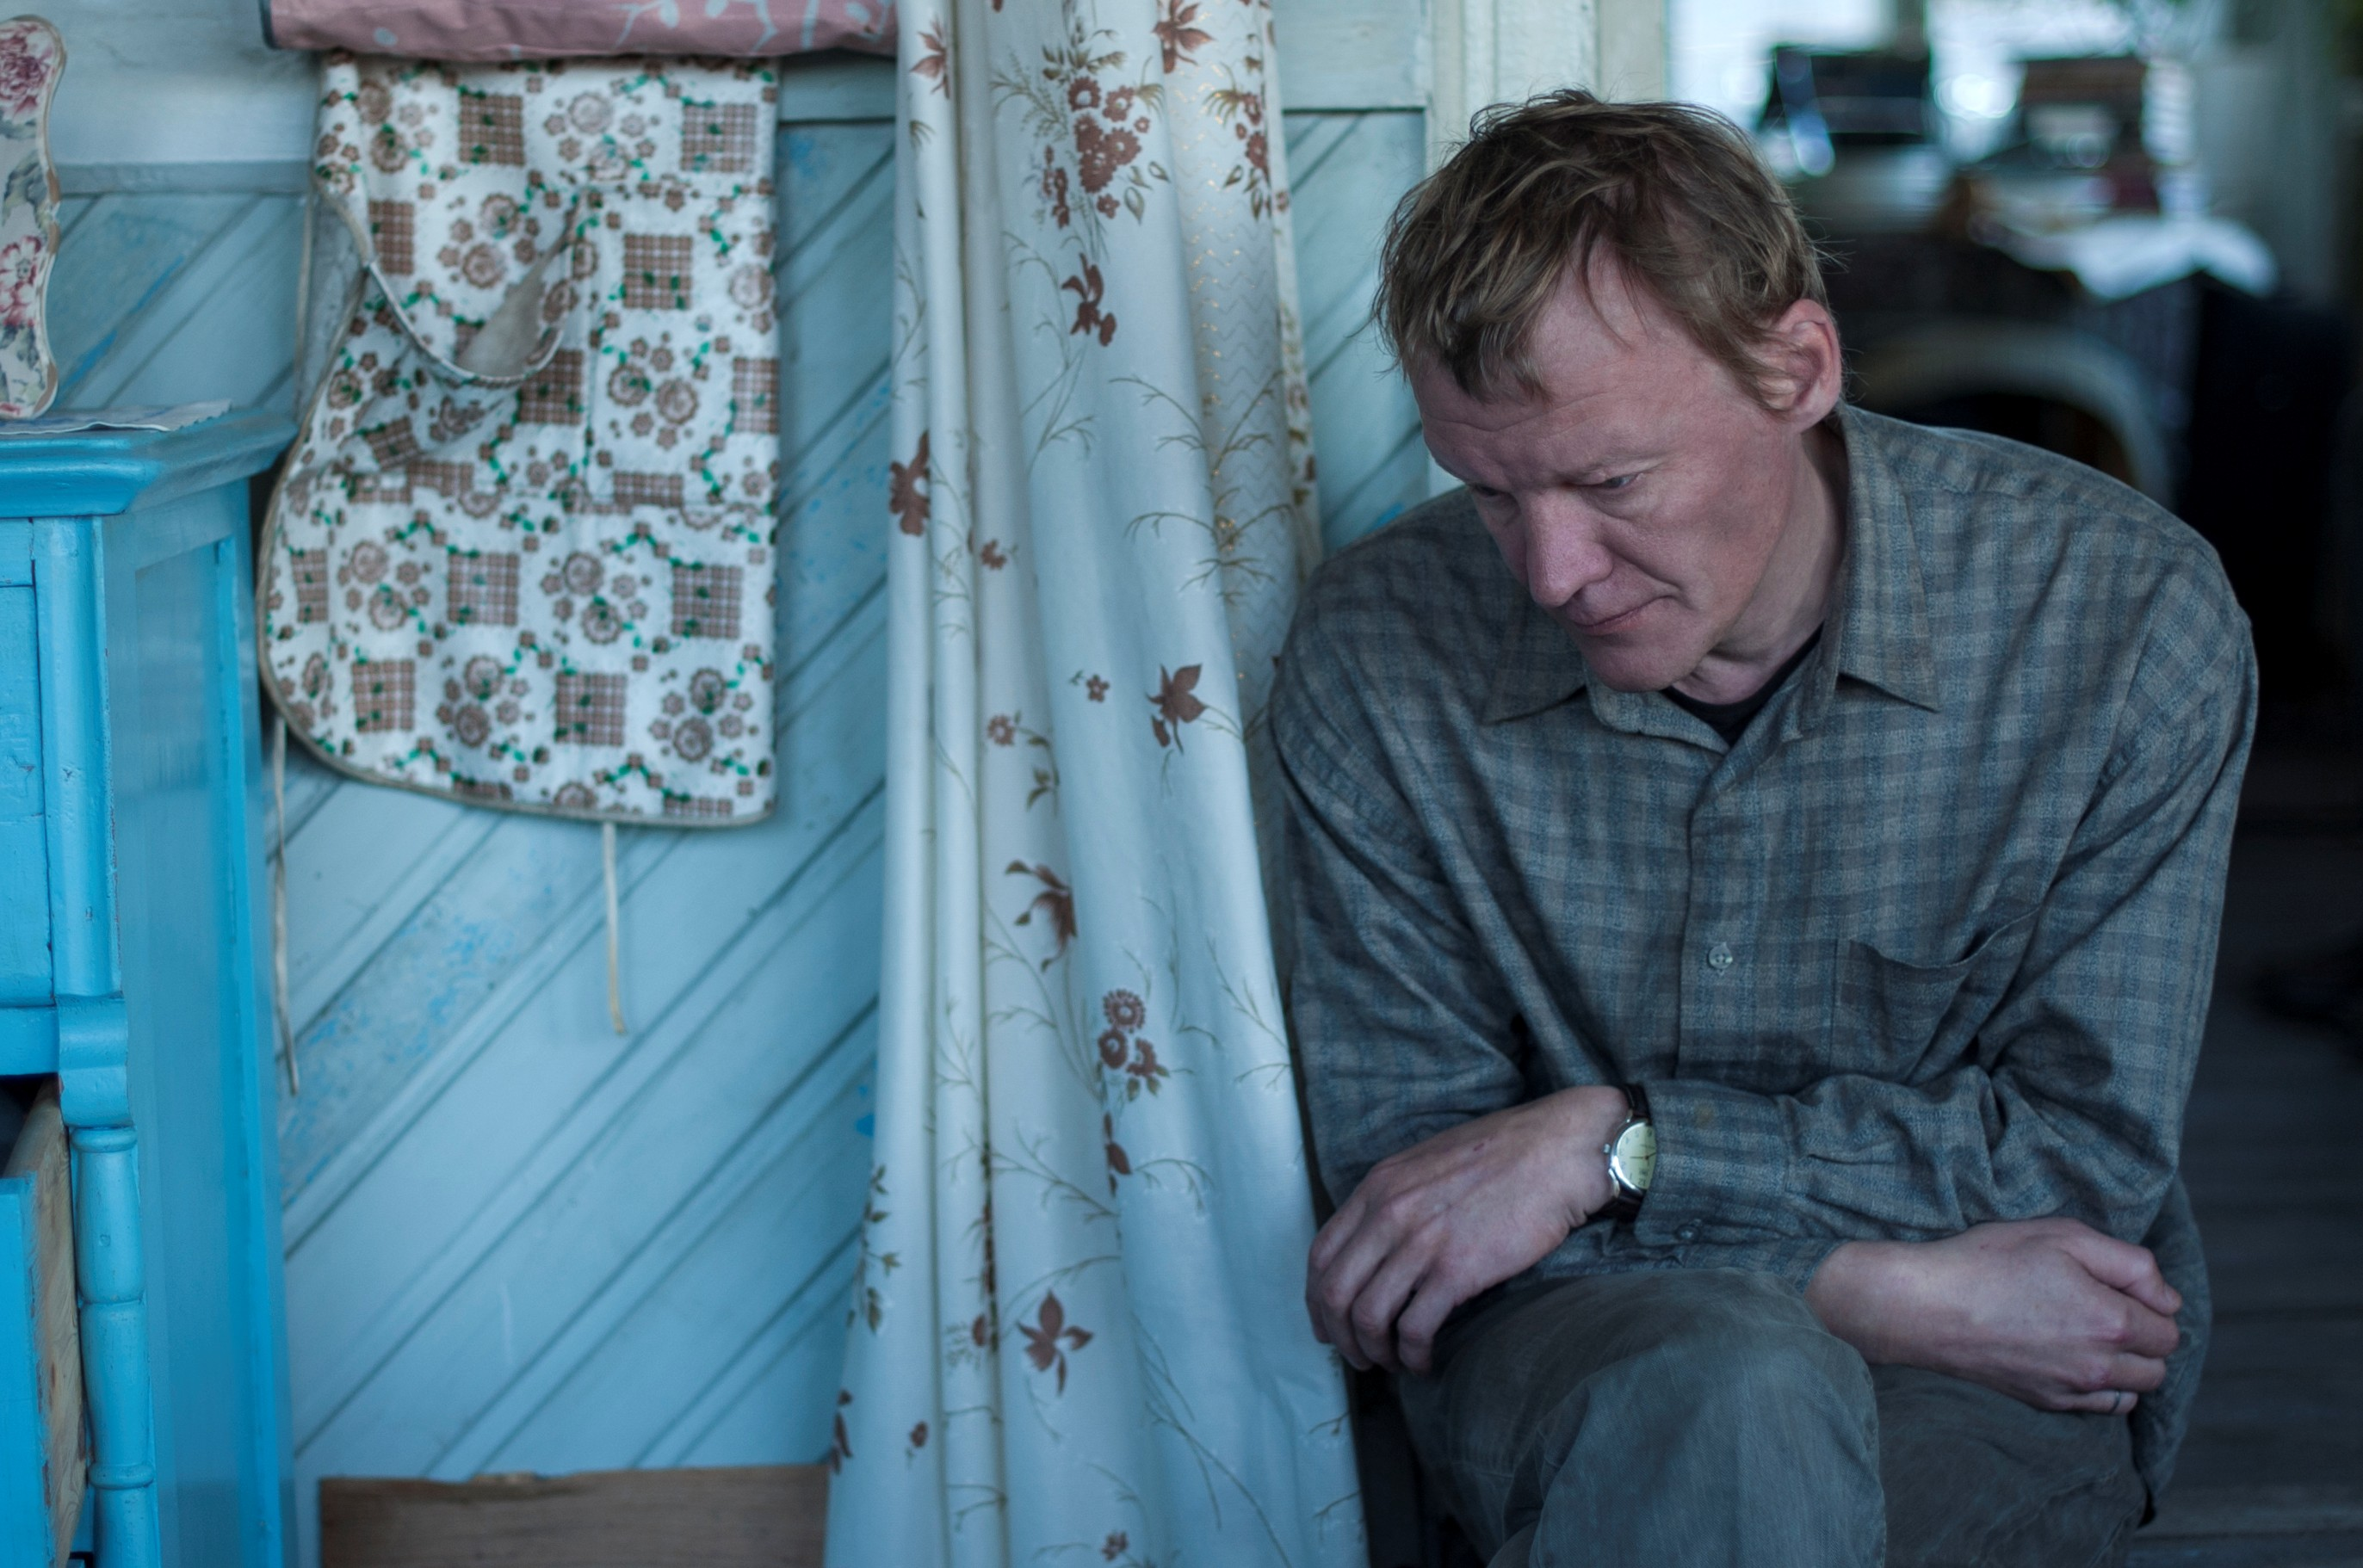 Наравне с Interstellar: «Левиафан» Звягинцева вошел в десятку лучших фильмов года